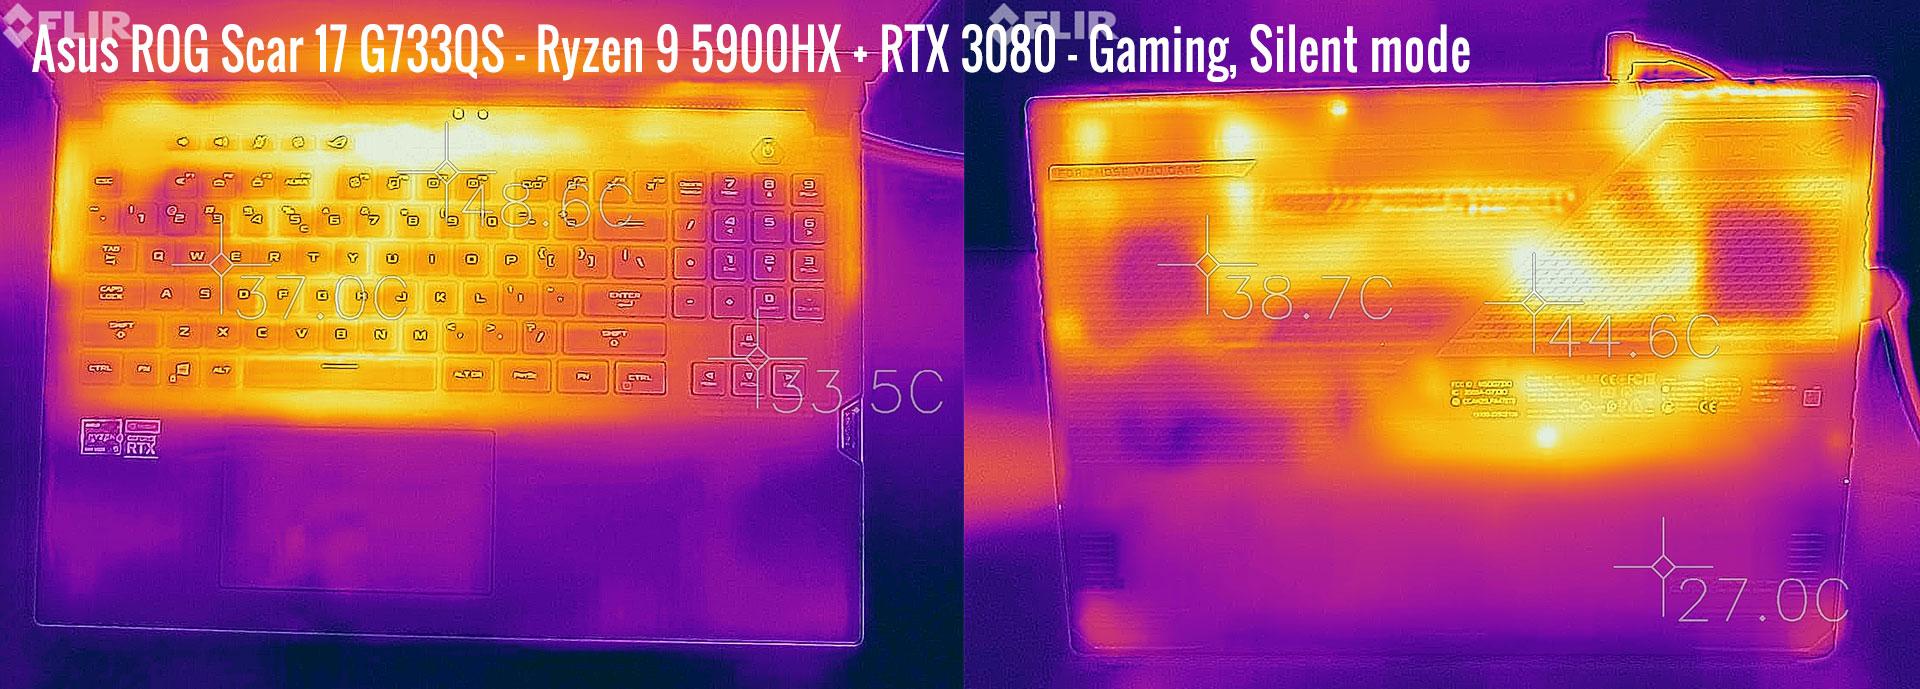 temperatures-scar17-g733qs-gaming-silent